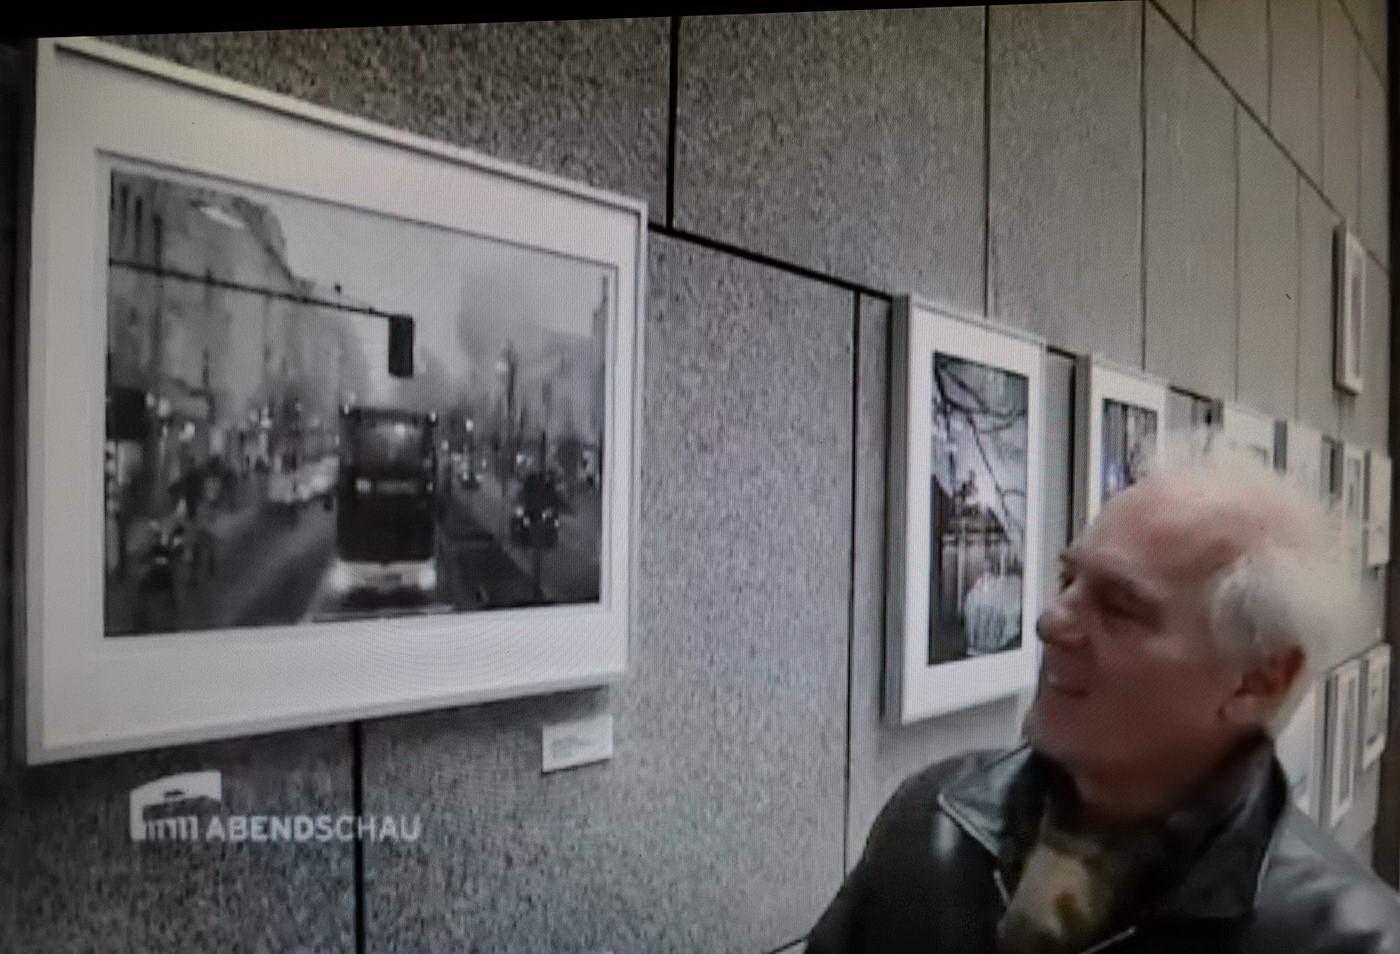 2018.02.15 Berlin Mitte Abendschau LAFO Ausstellung DSC09627 1 konv1